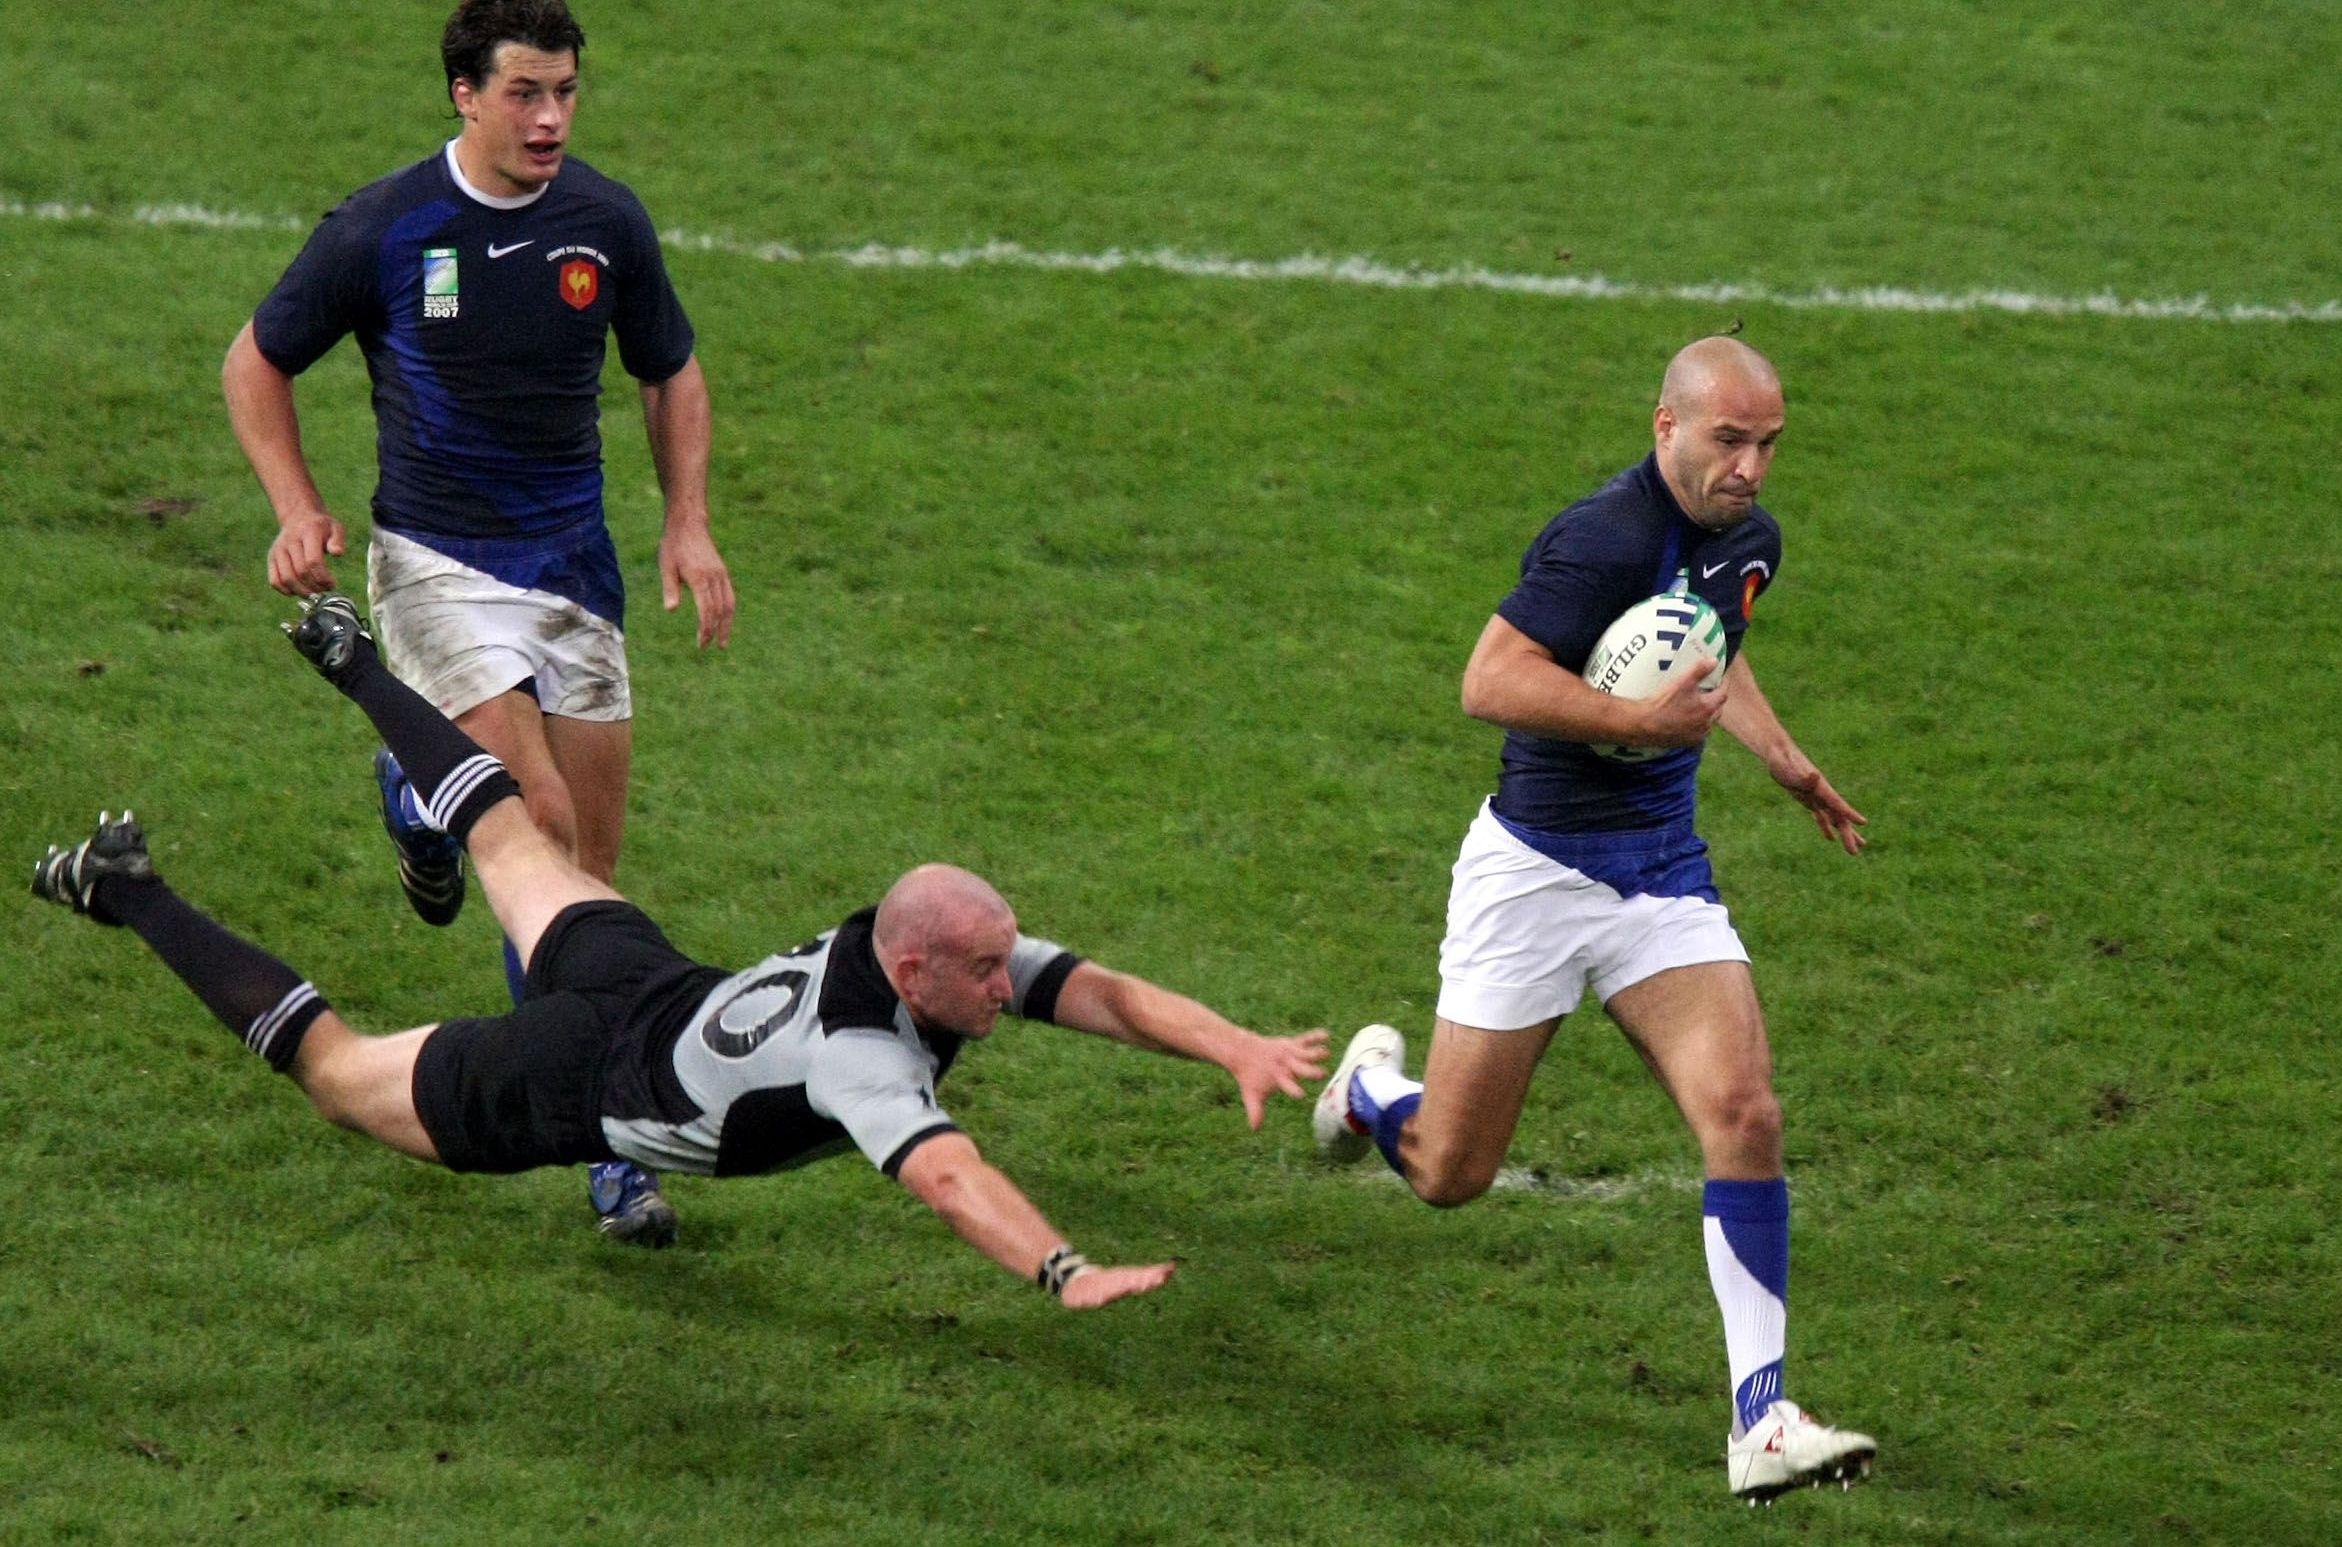 Rugby - Coupe du monde 2019 - Coupe du monde de rugby : quand le XV de France prend le quart